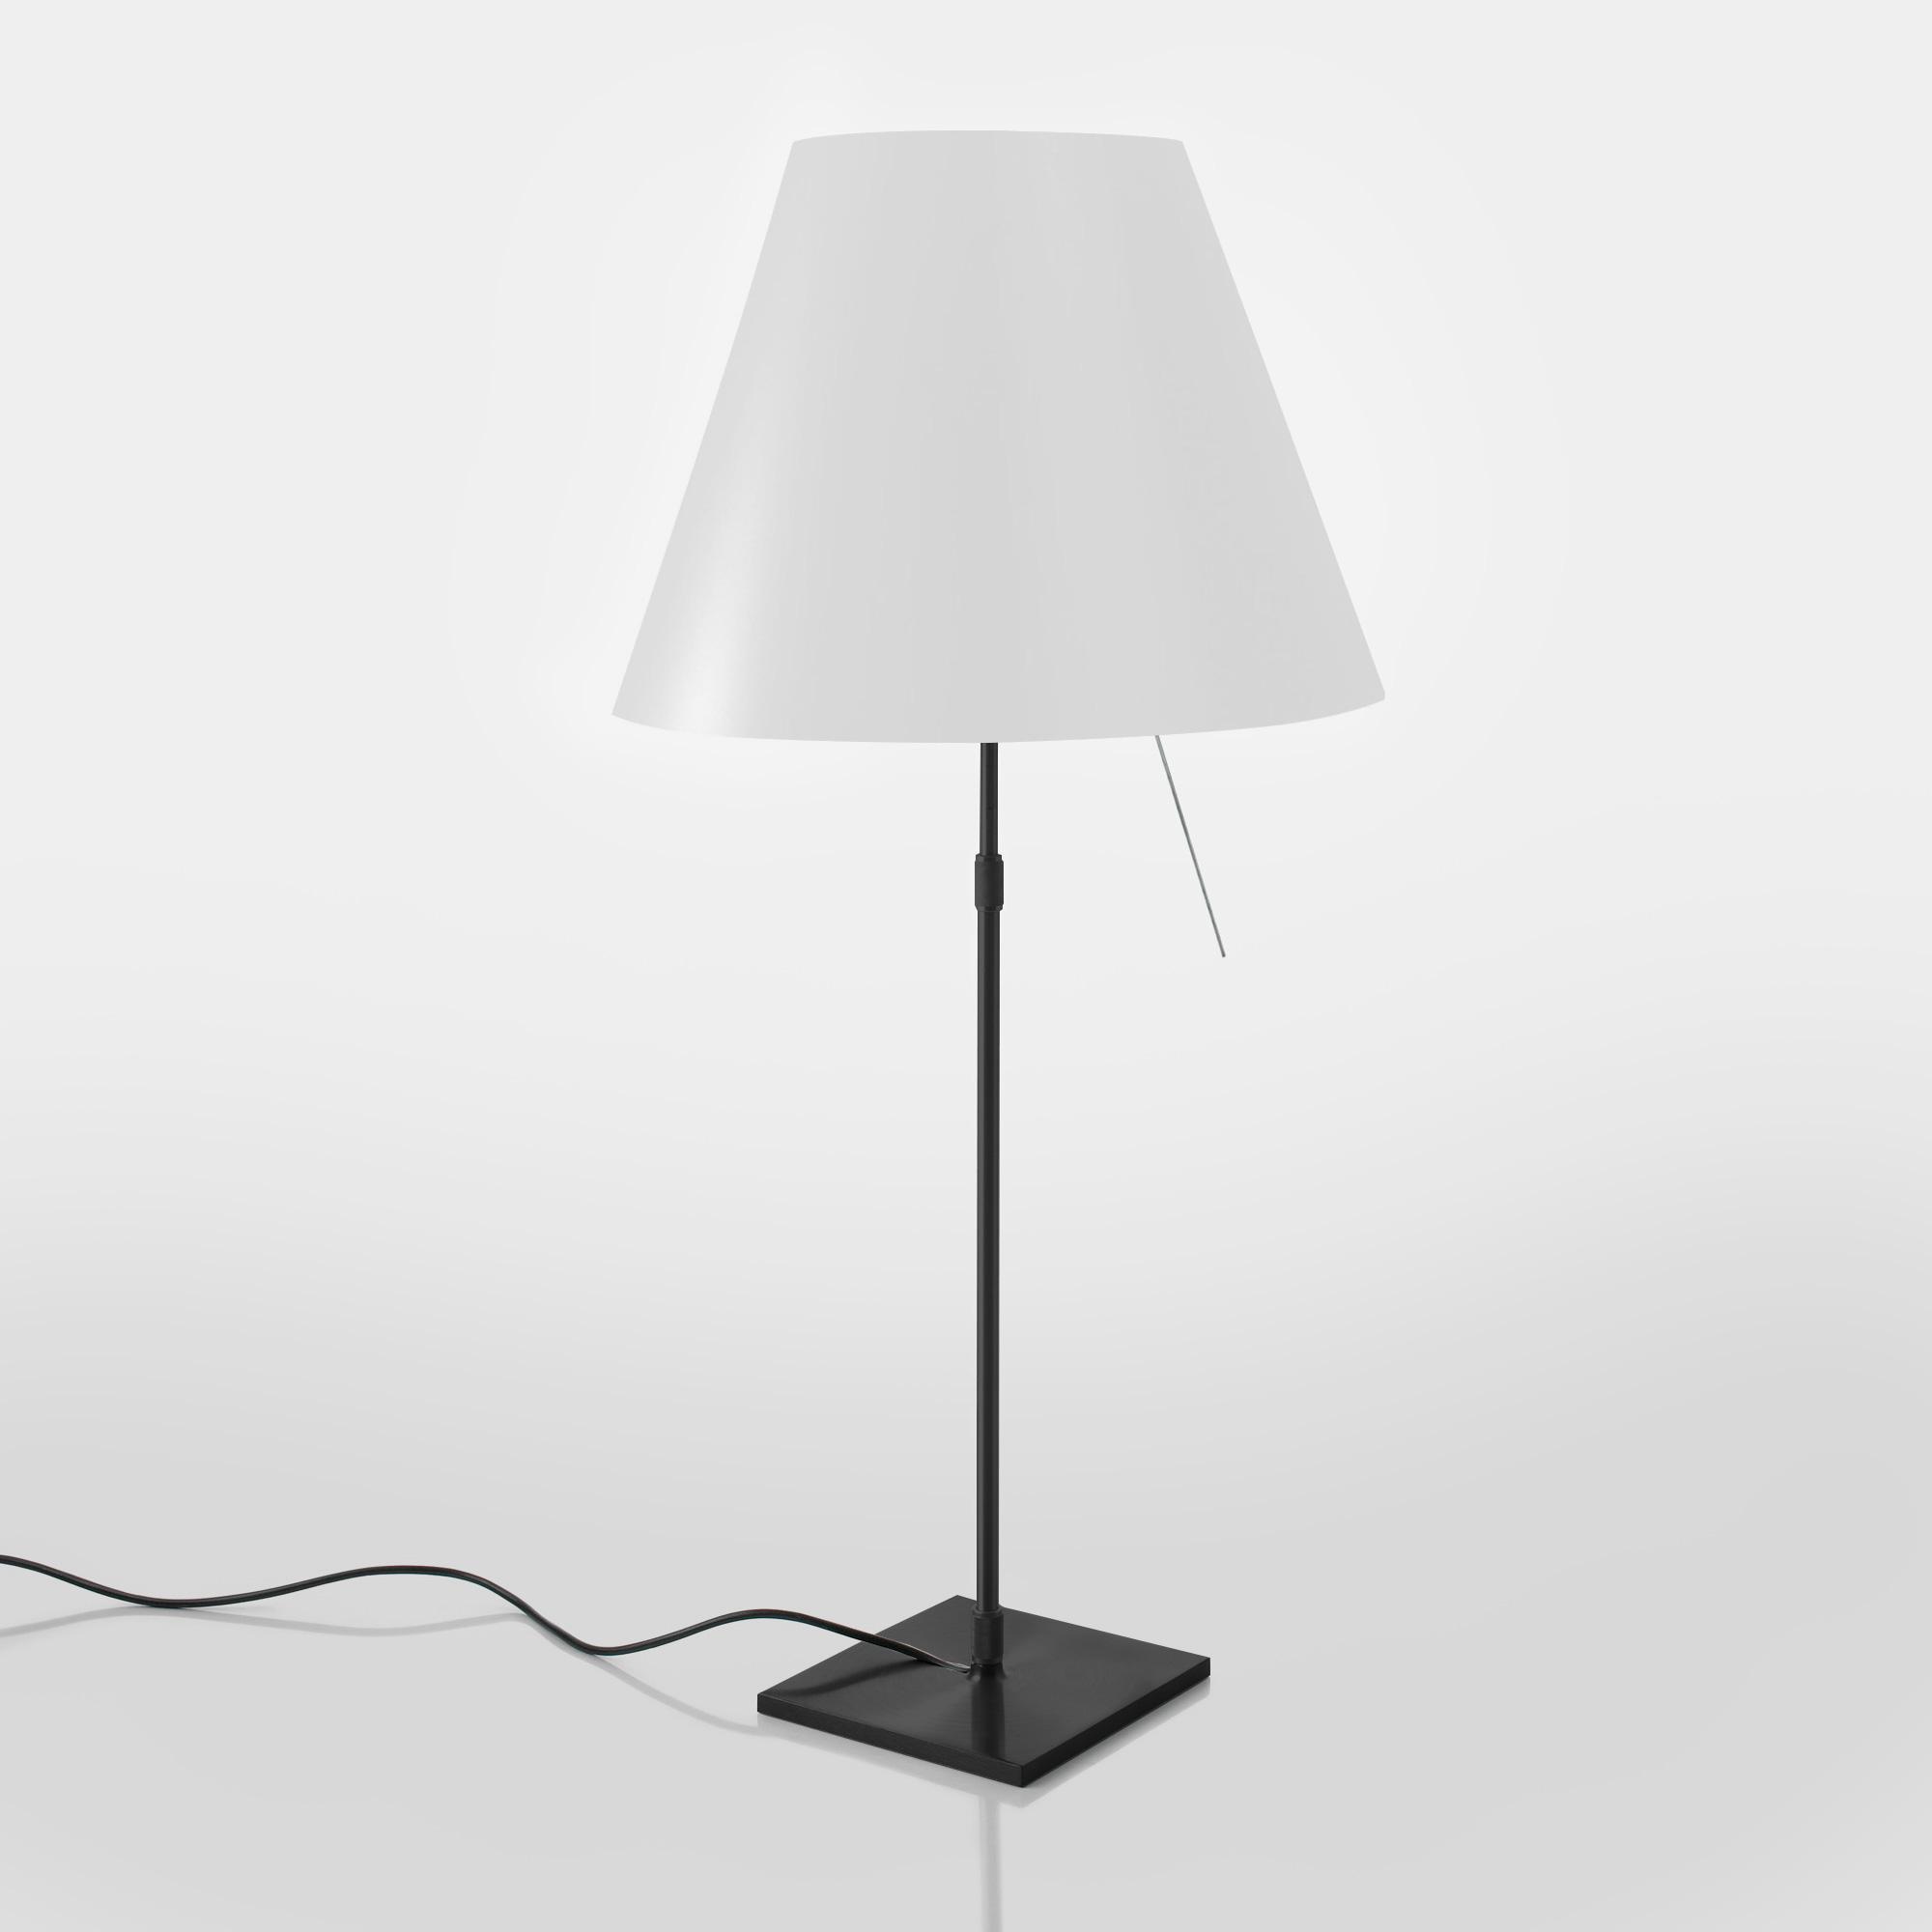 luceplan costanza tischleuchte mit dimmer teleskopstange 1d13n 000017 1d13001nt002 reuter. Black Bedroom Furniture Sets. Home Design Ideas